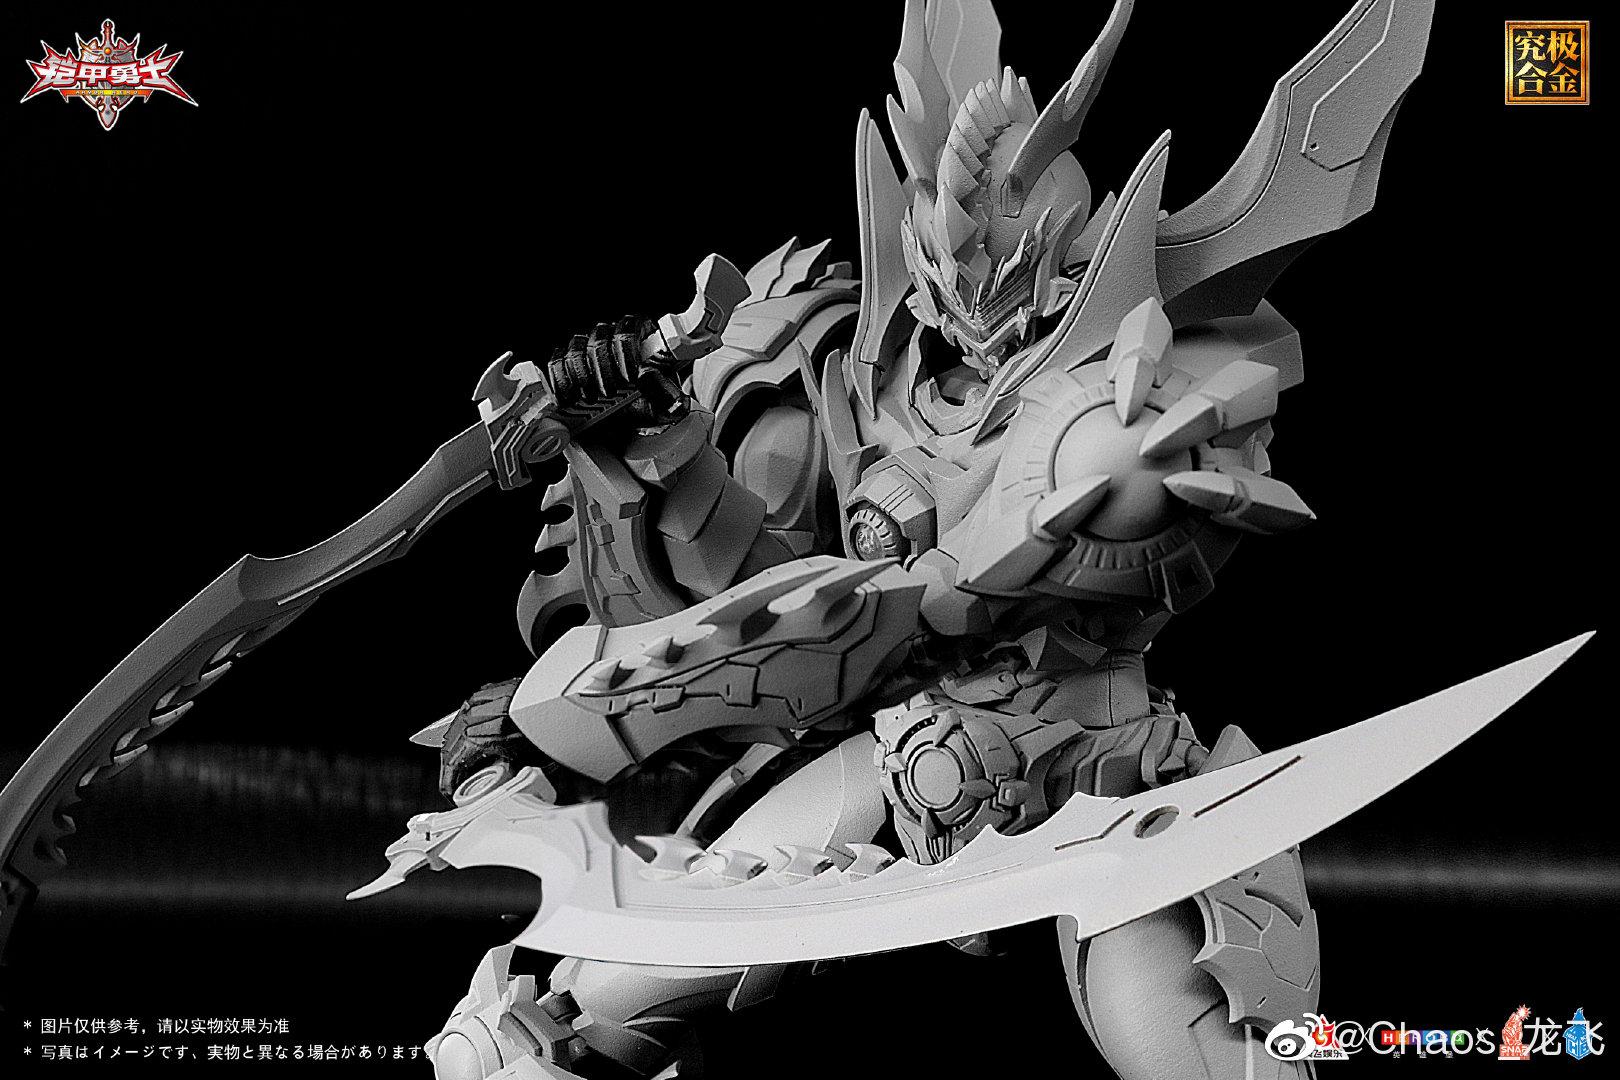 S536_snap_Armor_hero_Emperor_enryu_002.jpg